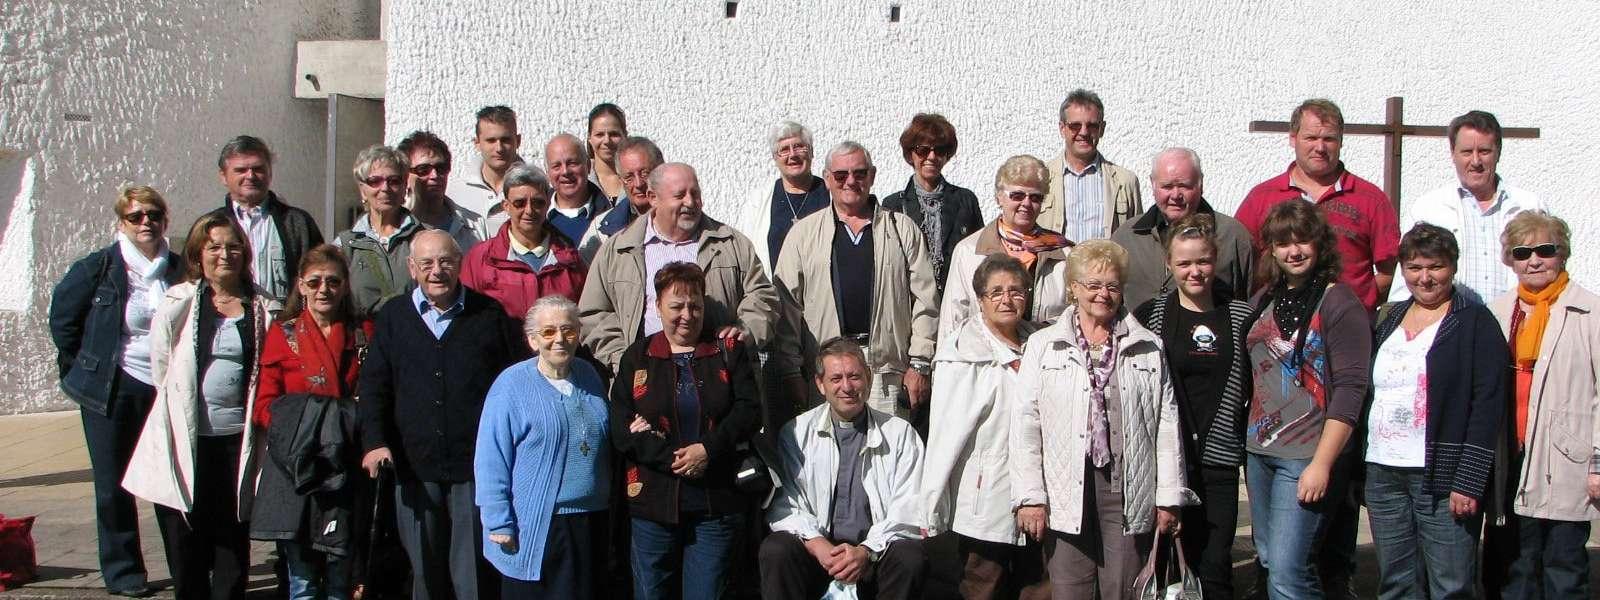 Les membres de la chorale Sainte-Cécile